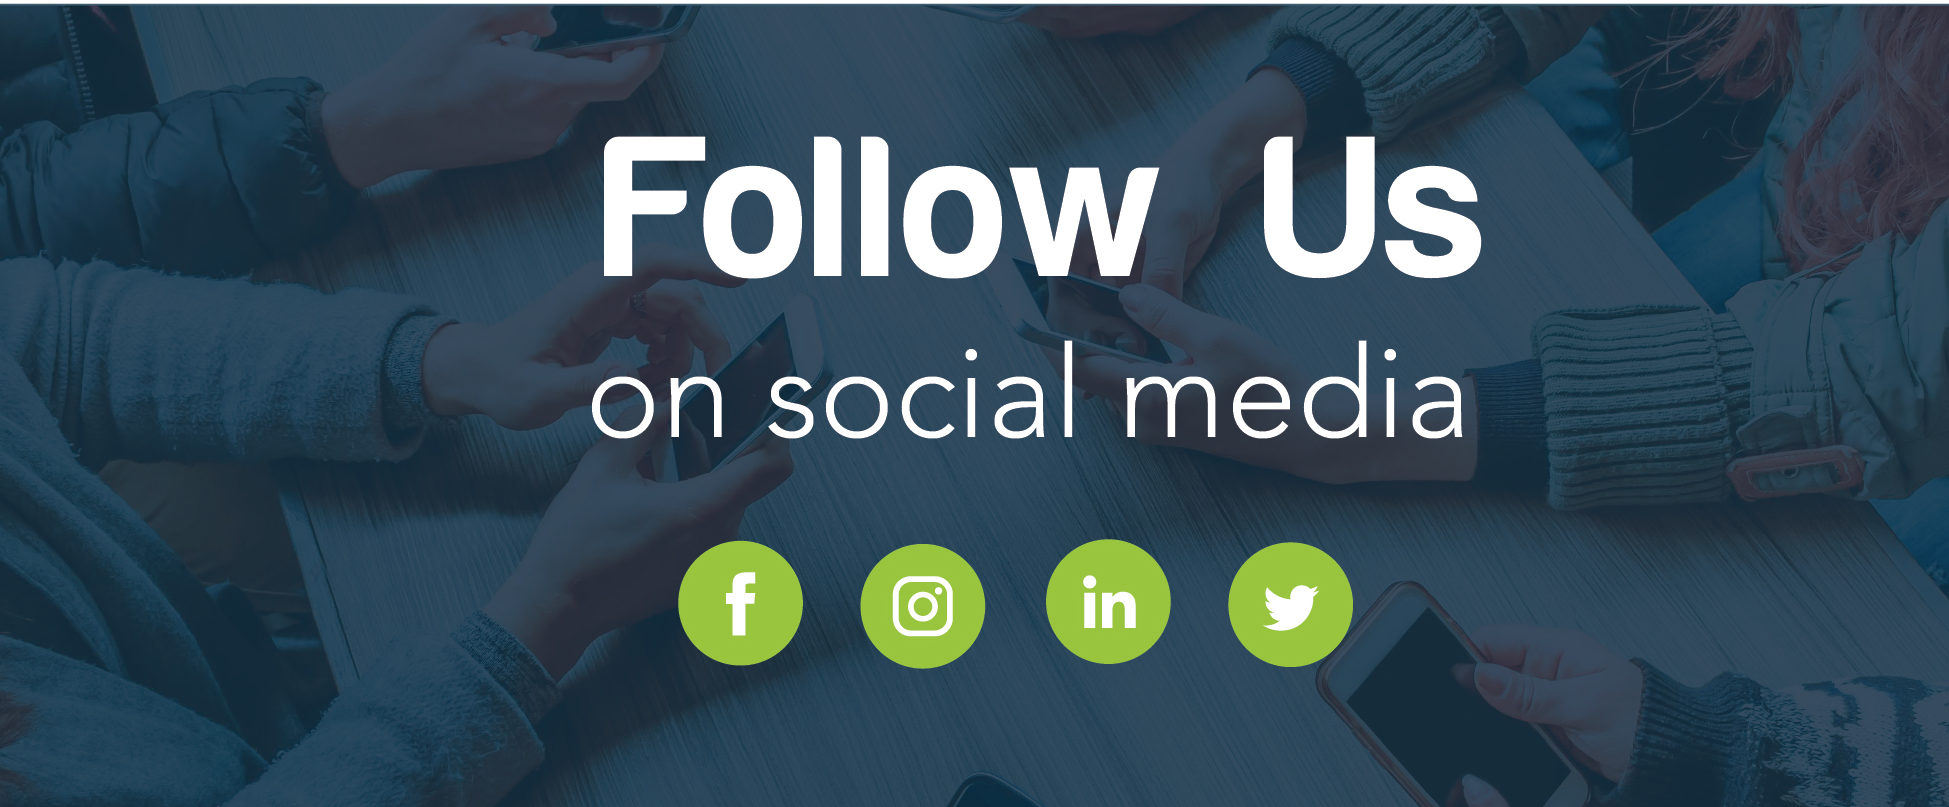 Follow Hertvik on Social